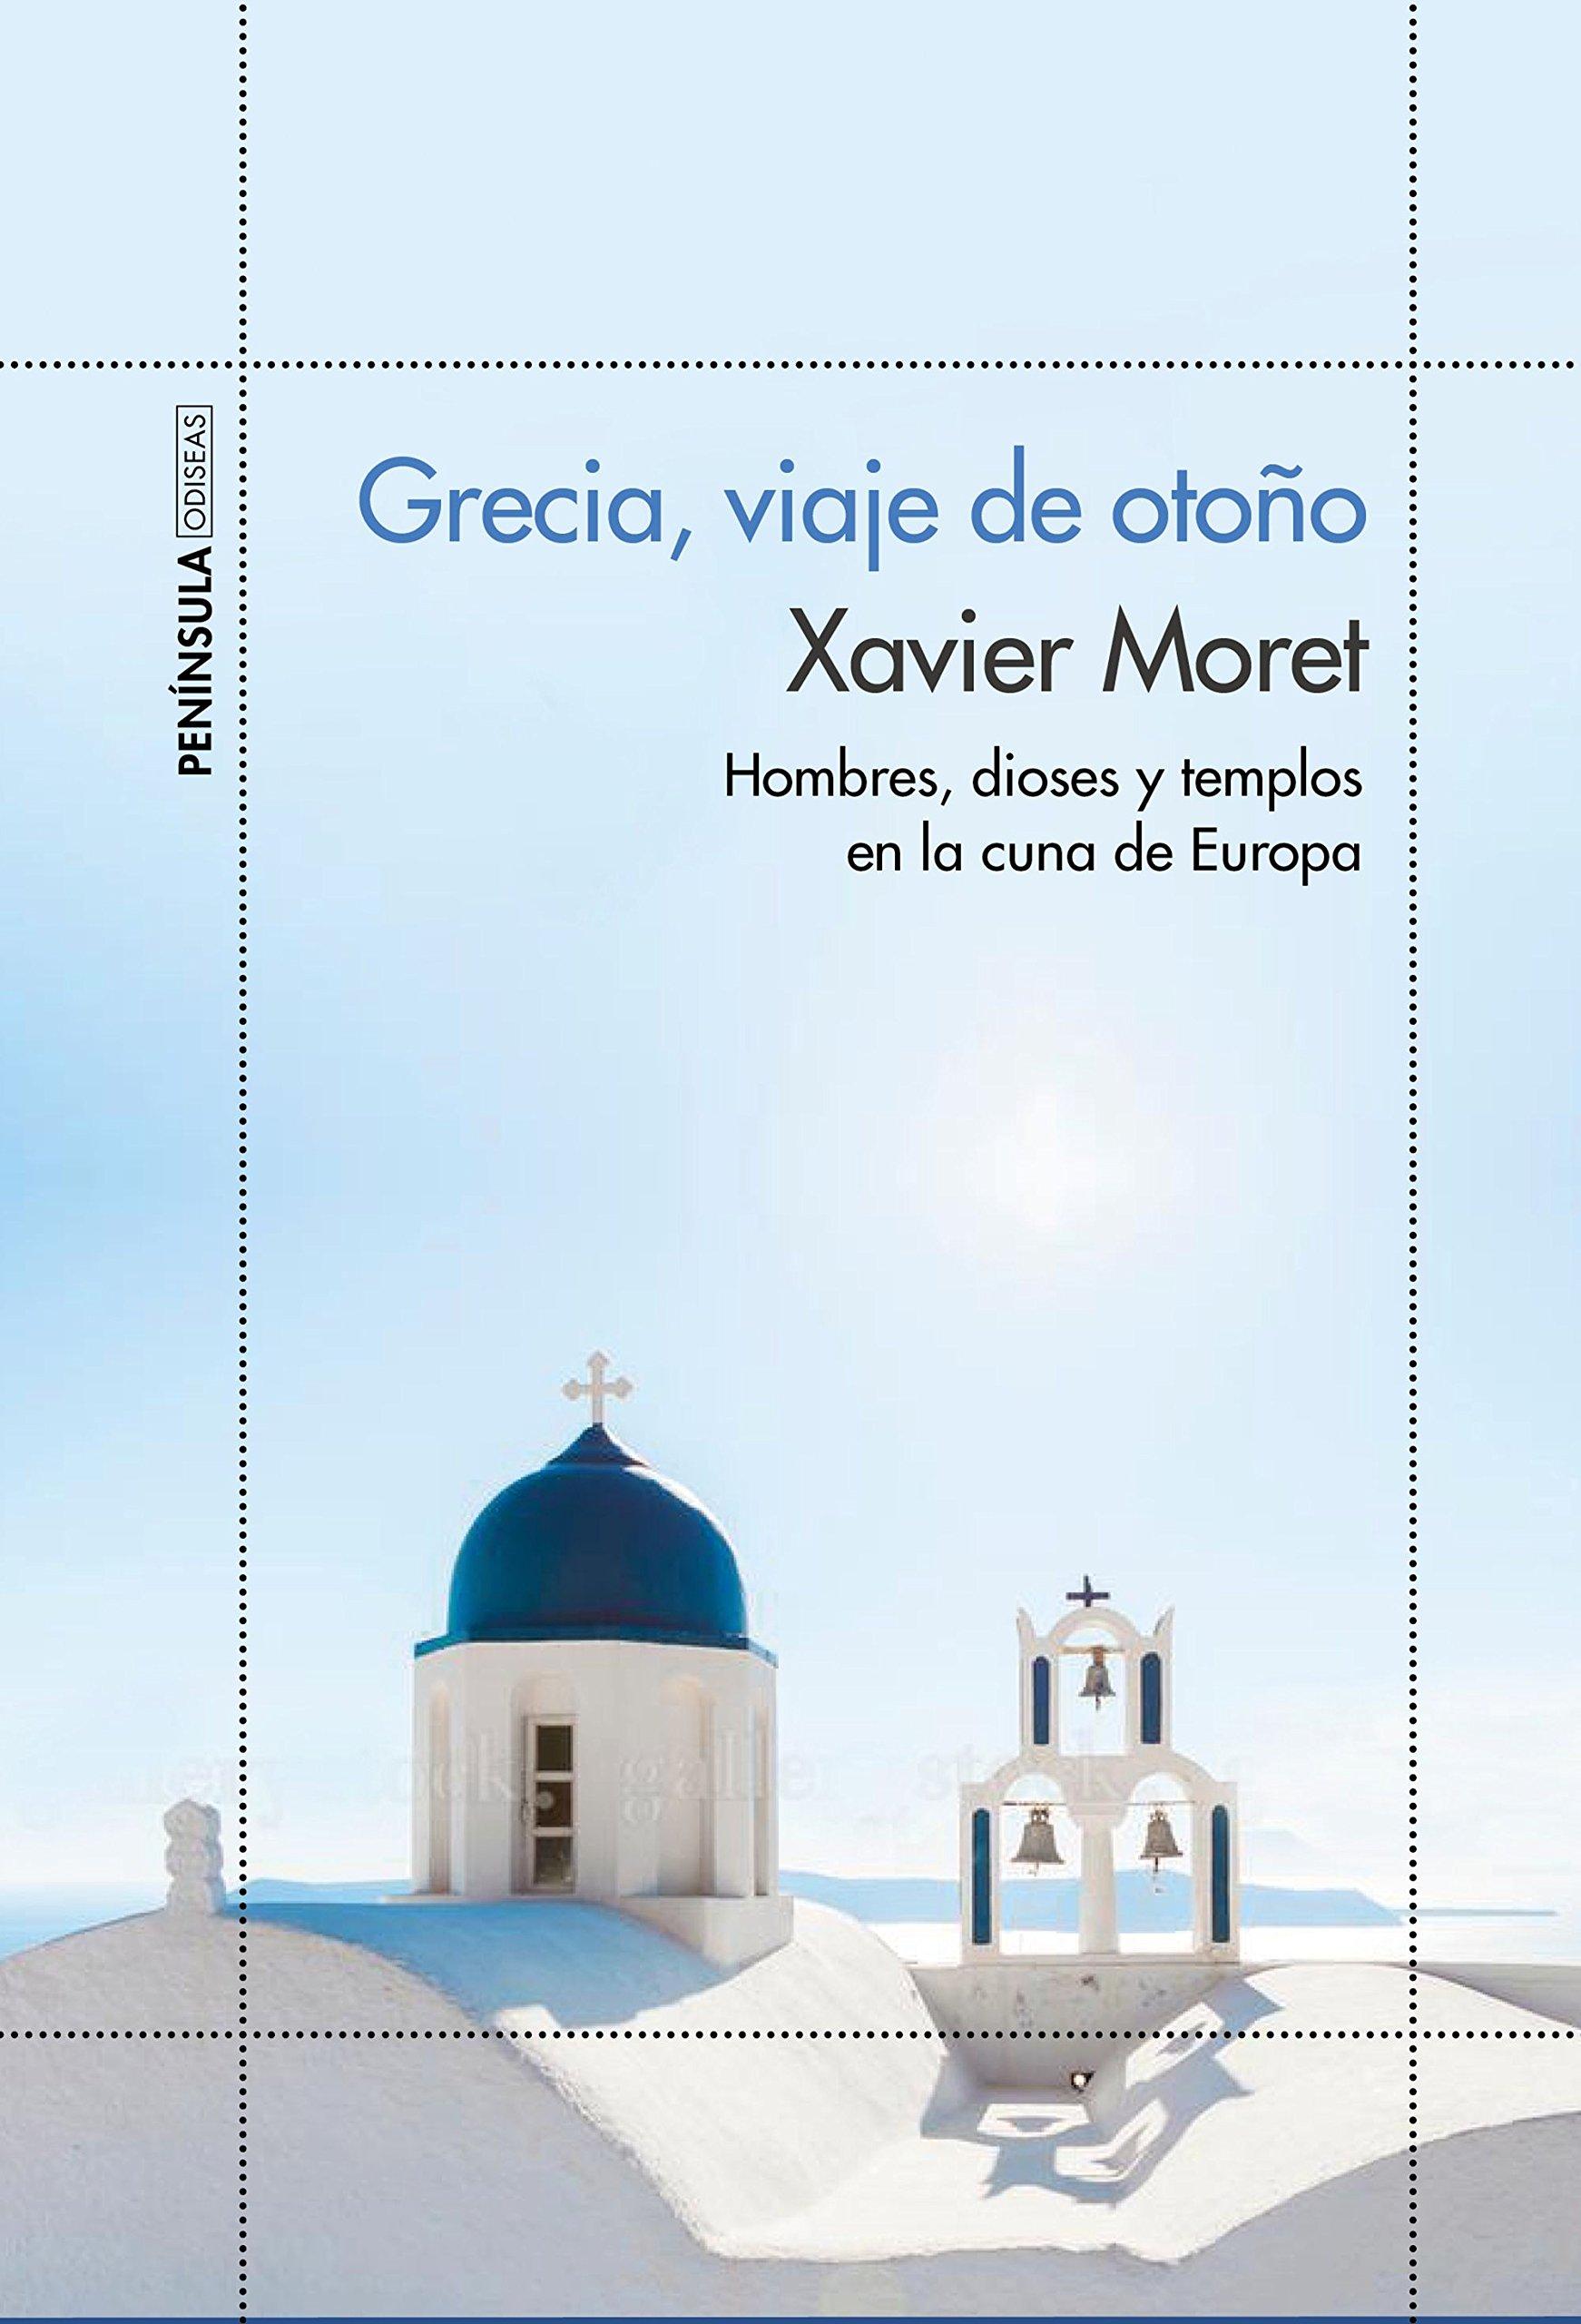 Grecia viaje de otoño: Hombres dioses y templos en la cuna de Europa